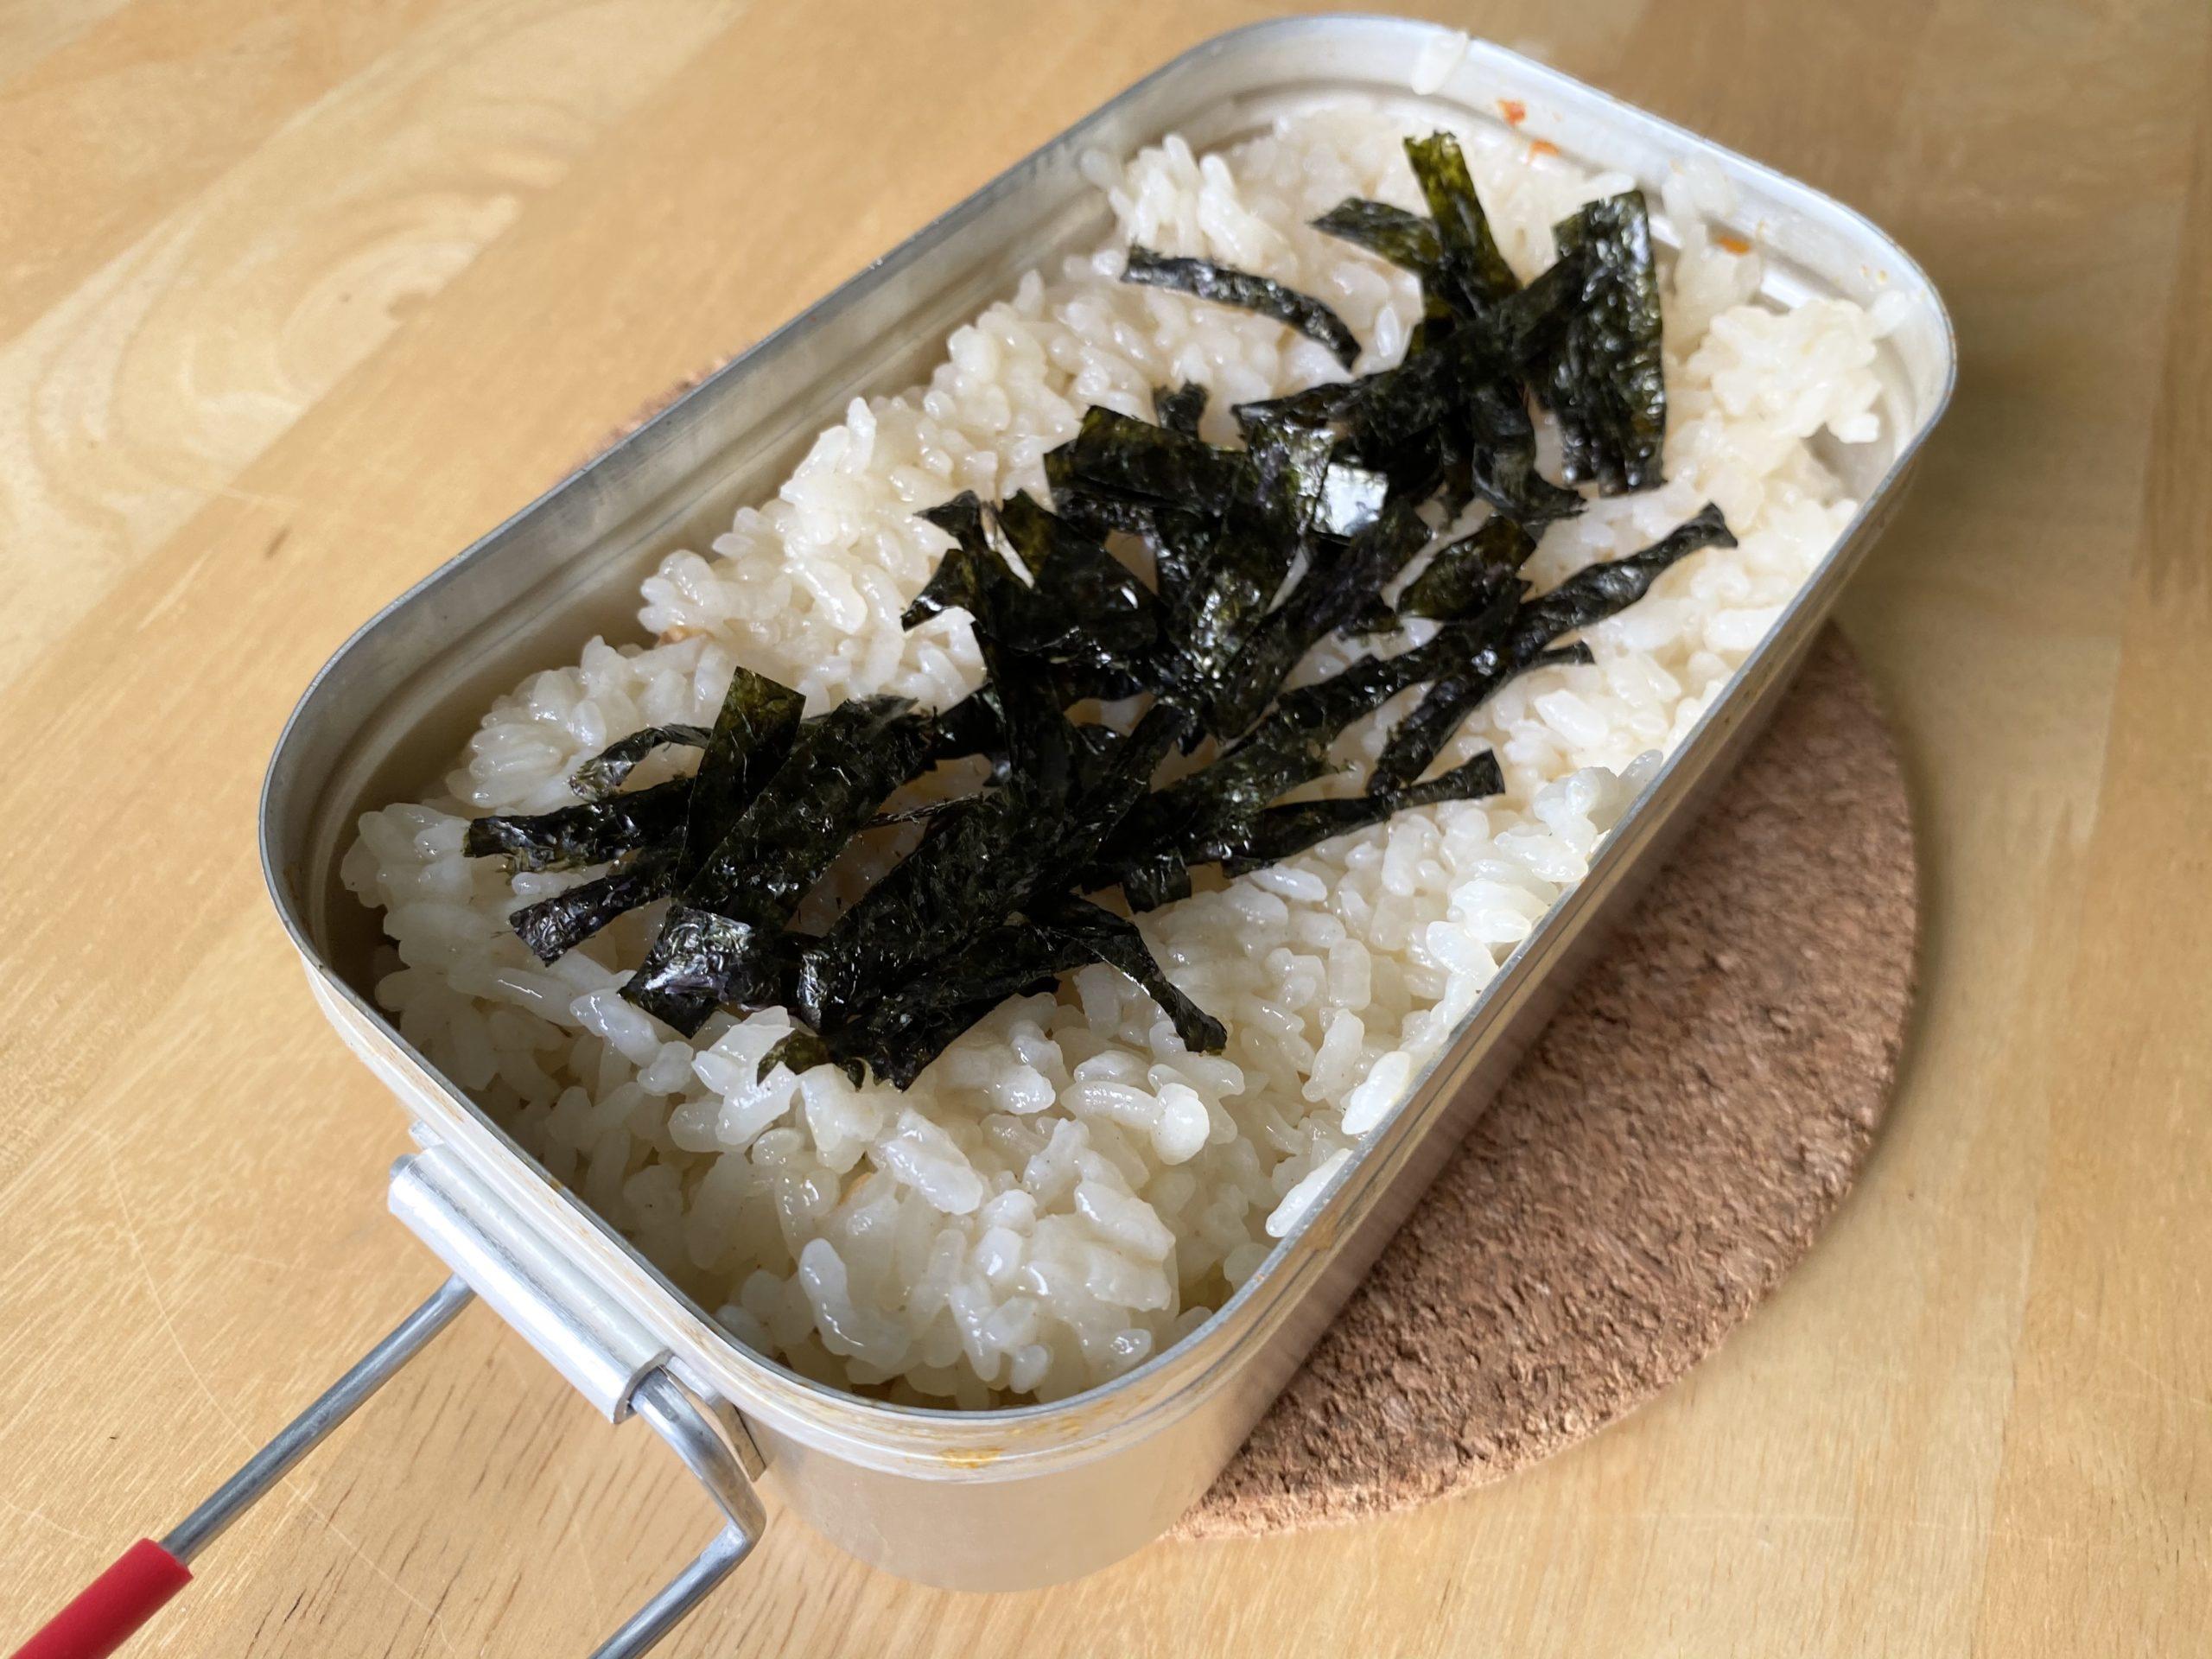 メスティン飯「シンプルだけど美味い!具なしチャーハン」のレシピ